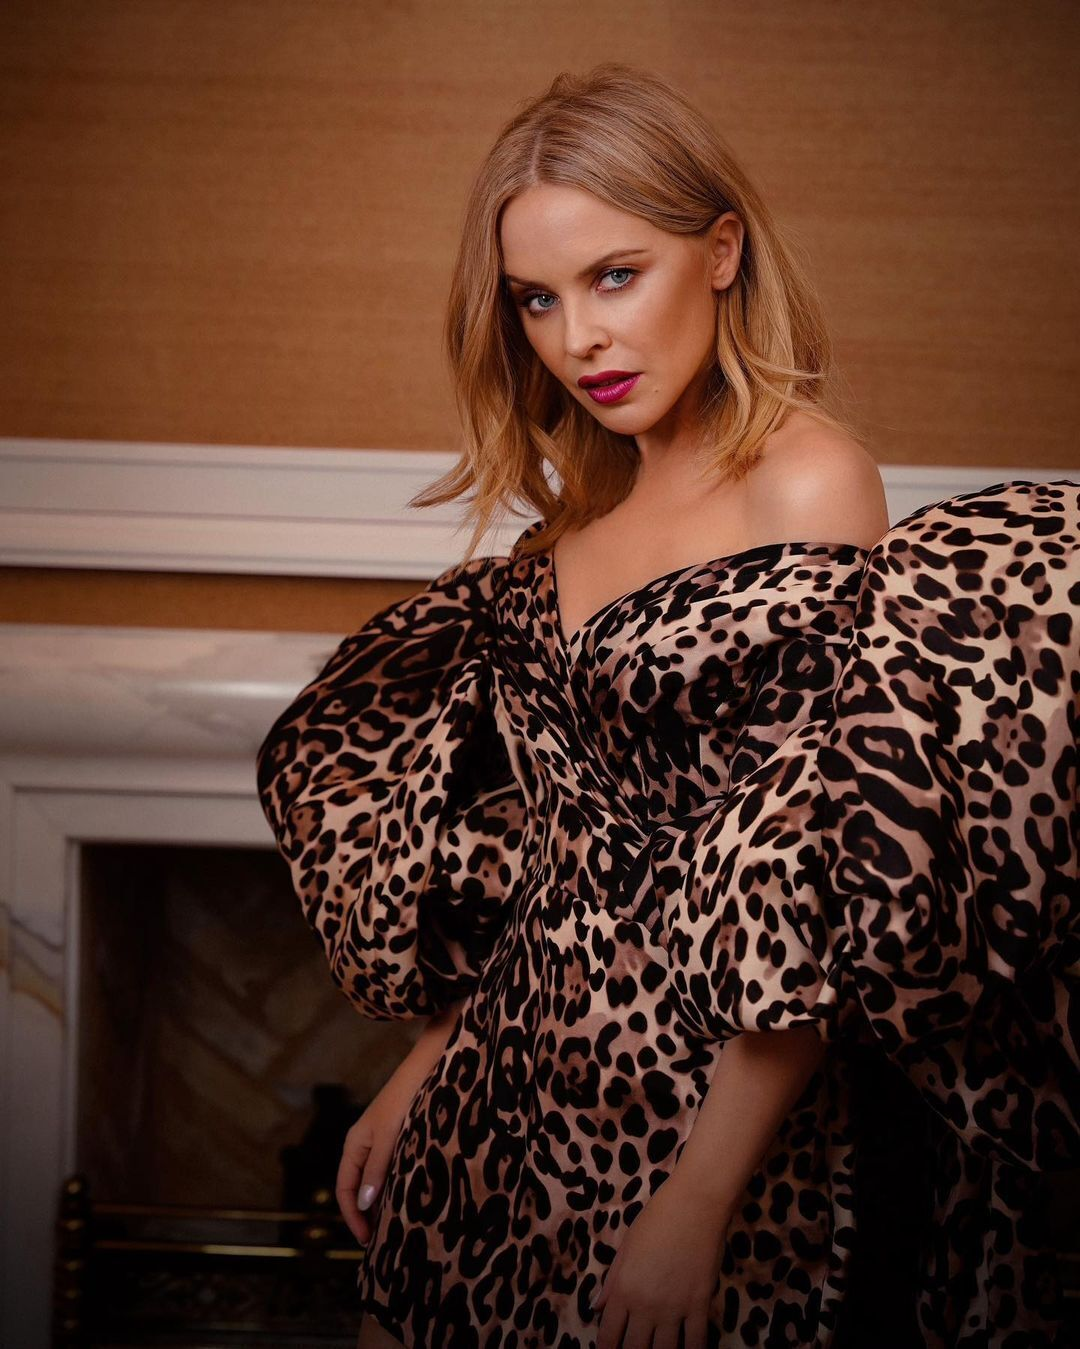 Кайлі Міноуг позує в леопардовій сукні